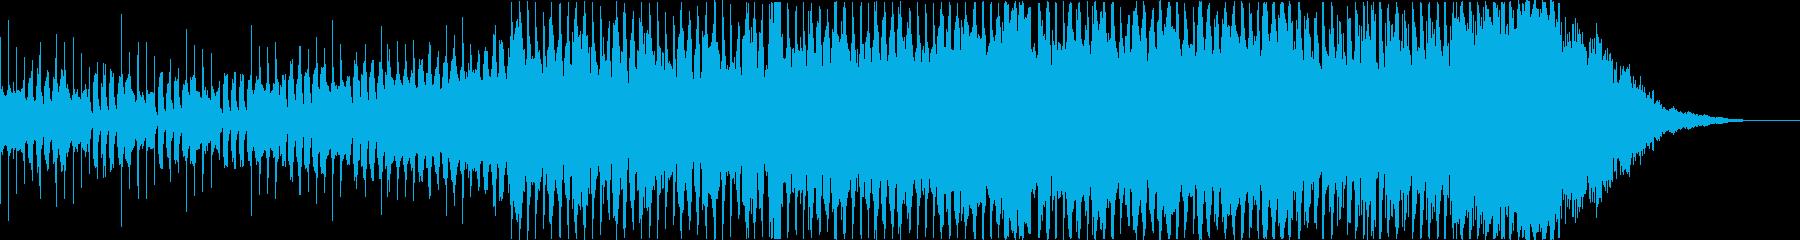 EDM オープニング イベント パーティの再生済みの波形